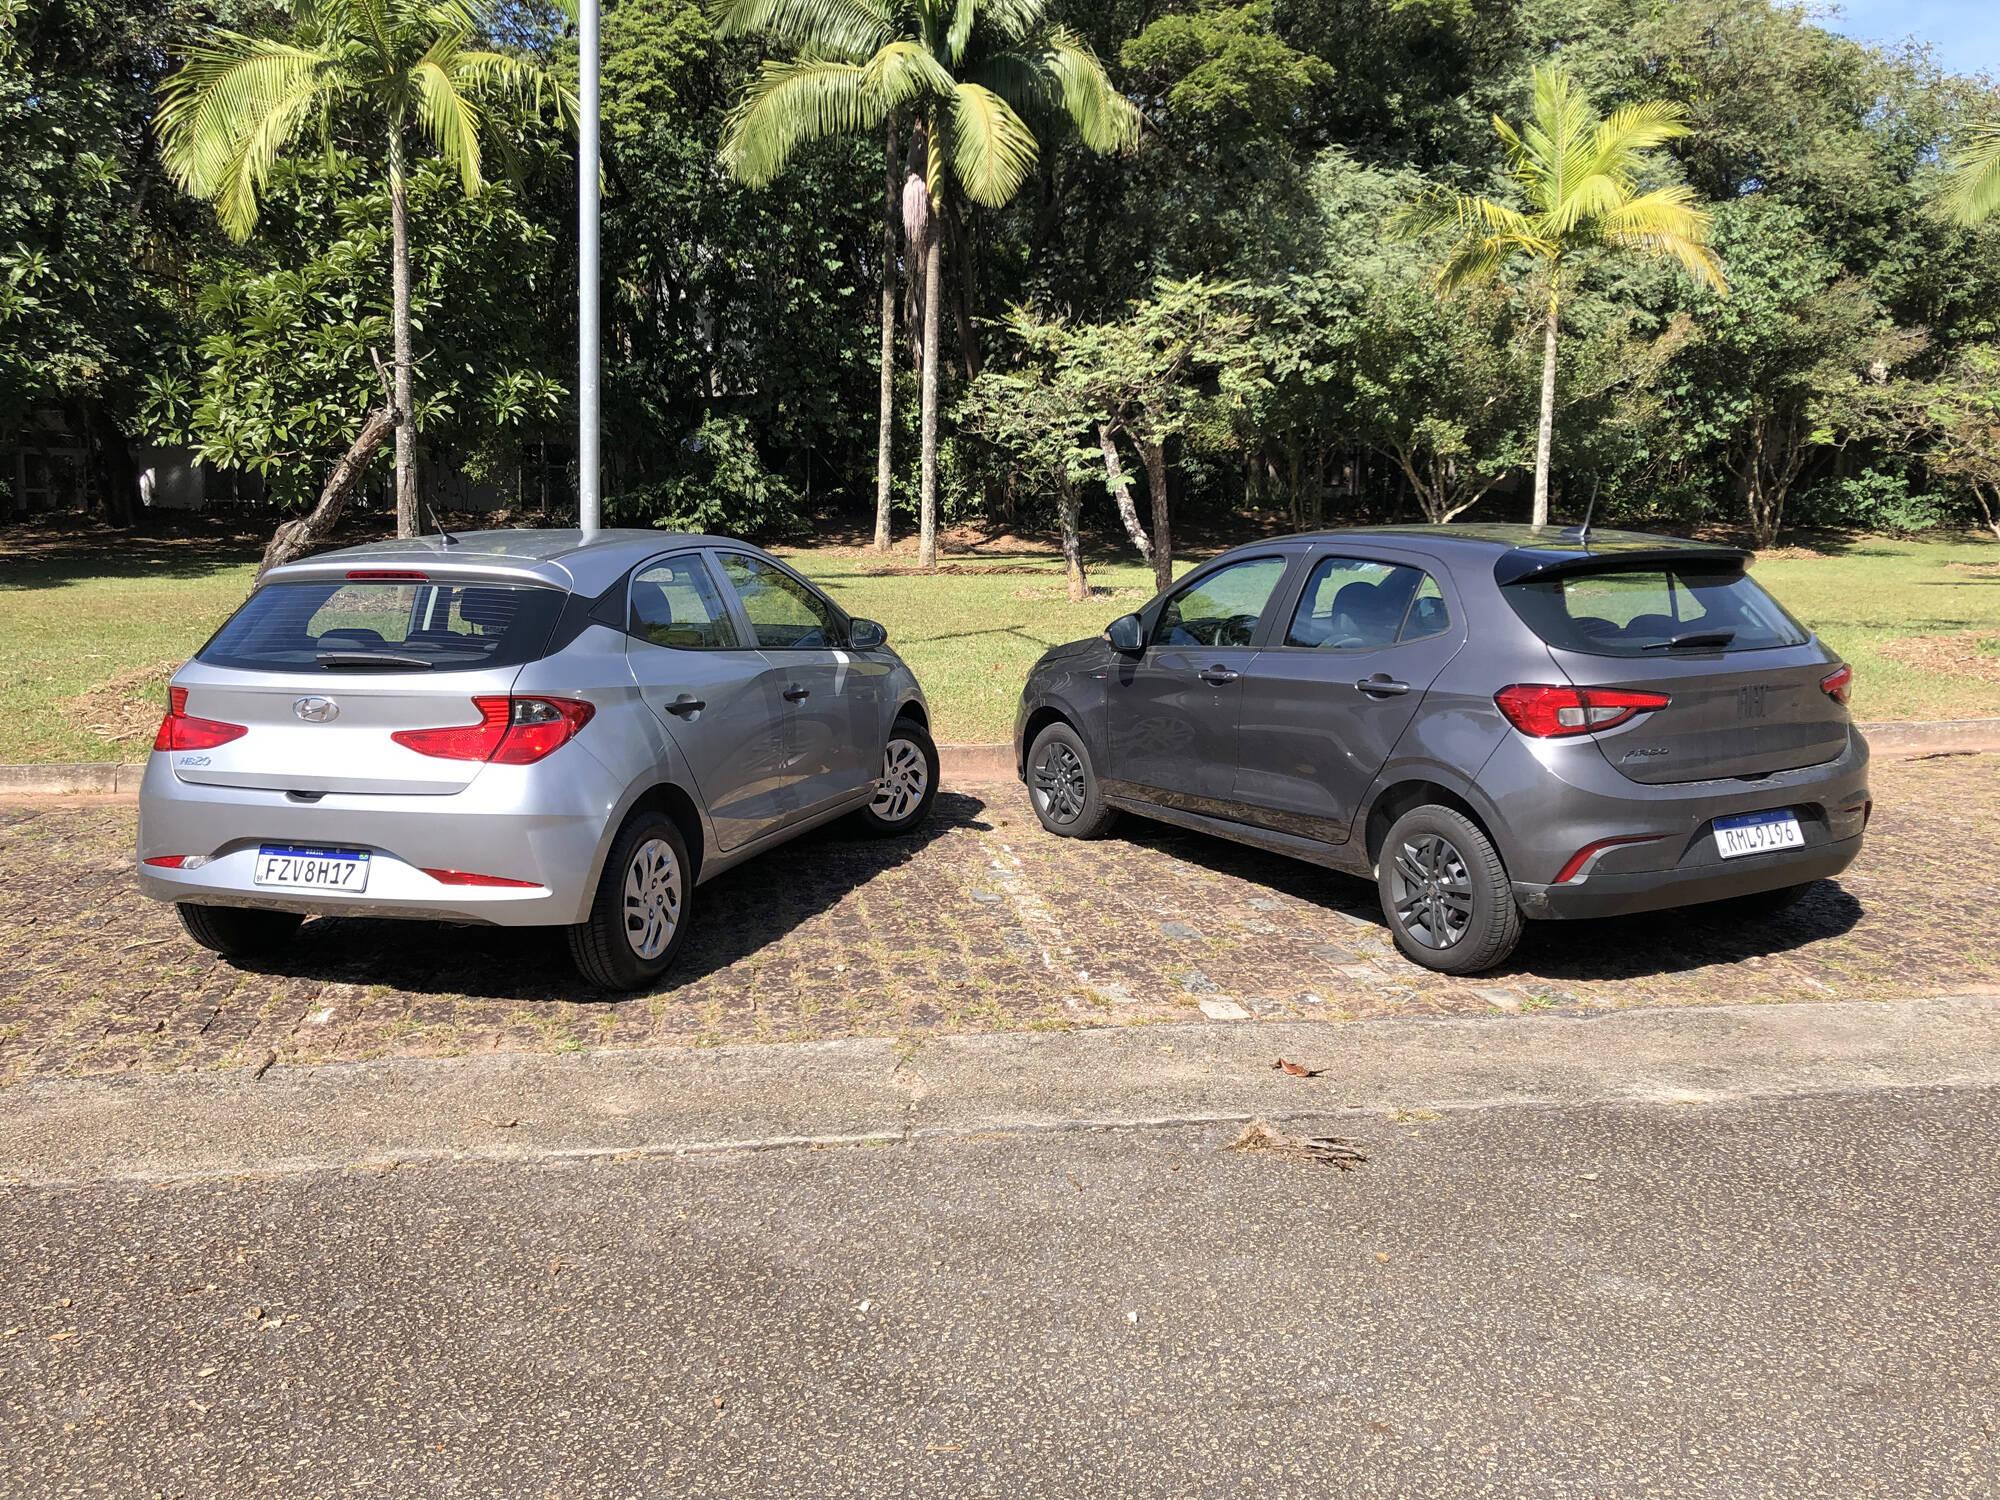 Foto: Caue Lira/iG